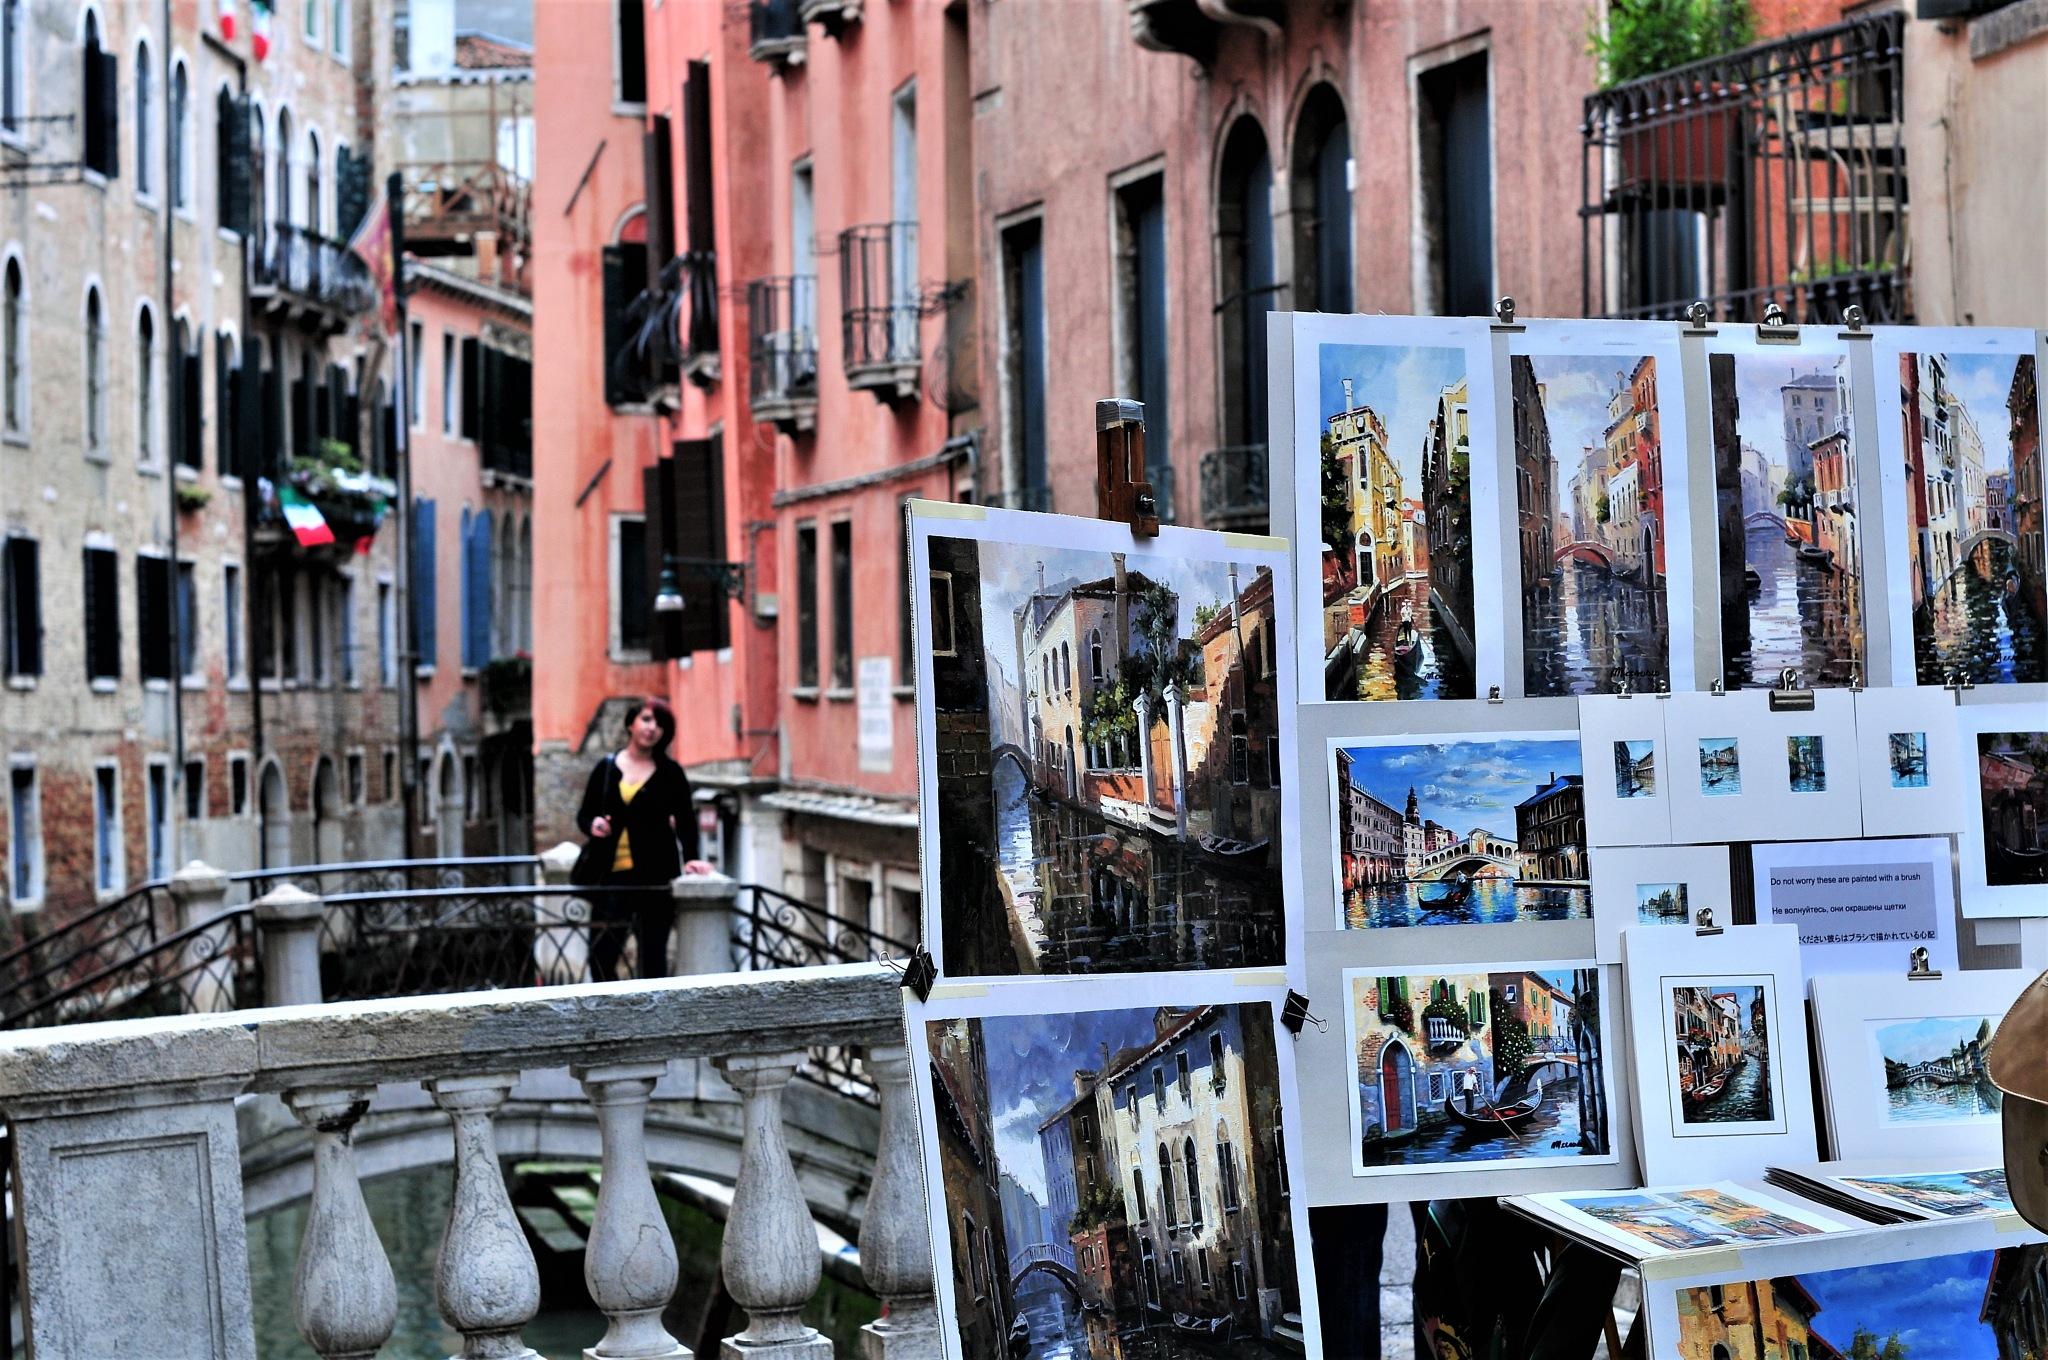 A spasso per Venezia  by Mauro Corbucci